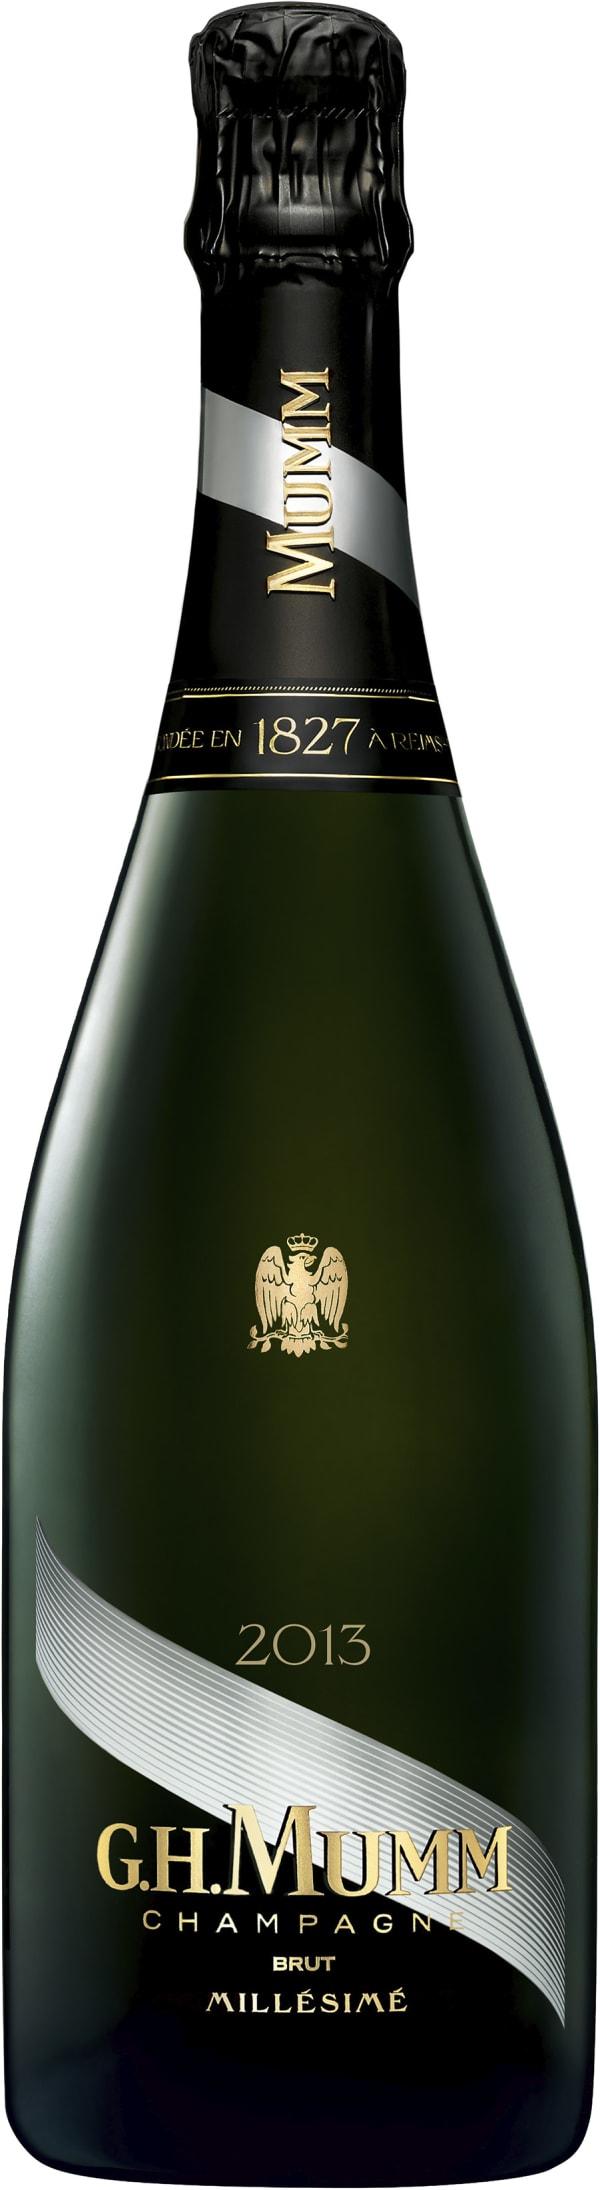 Mumm Le Millésimé Champagne Brut 2013